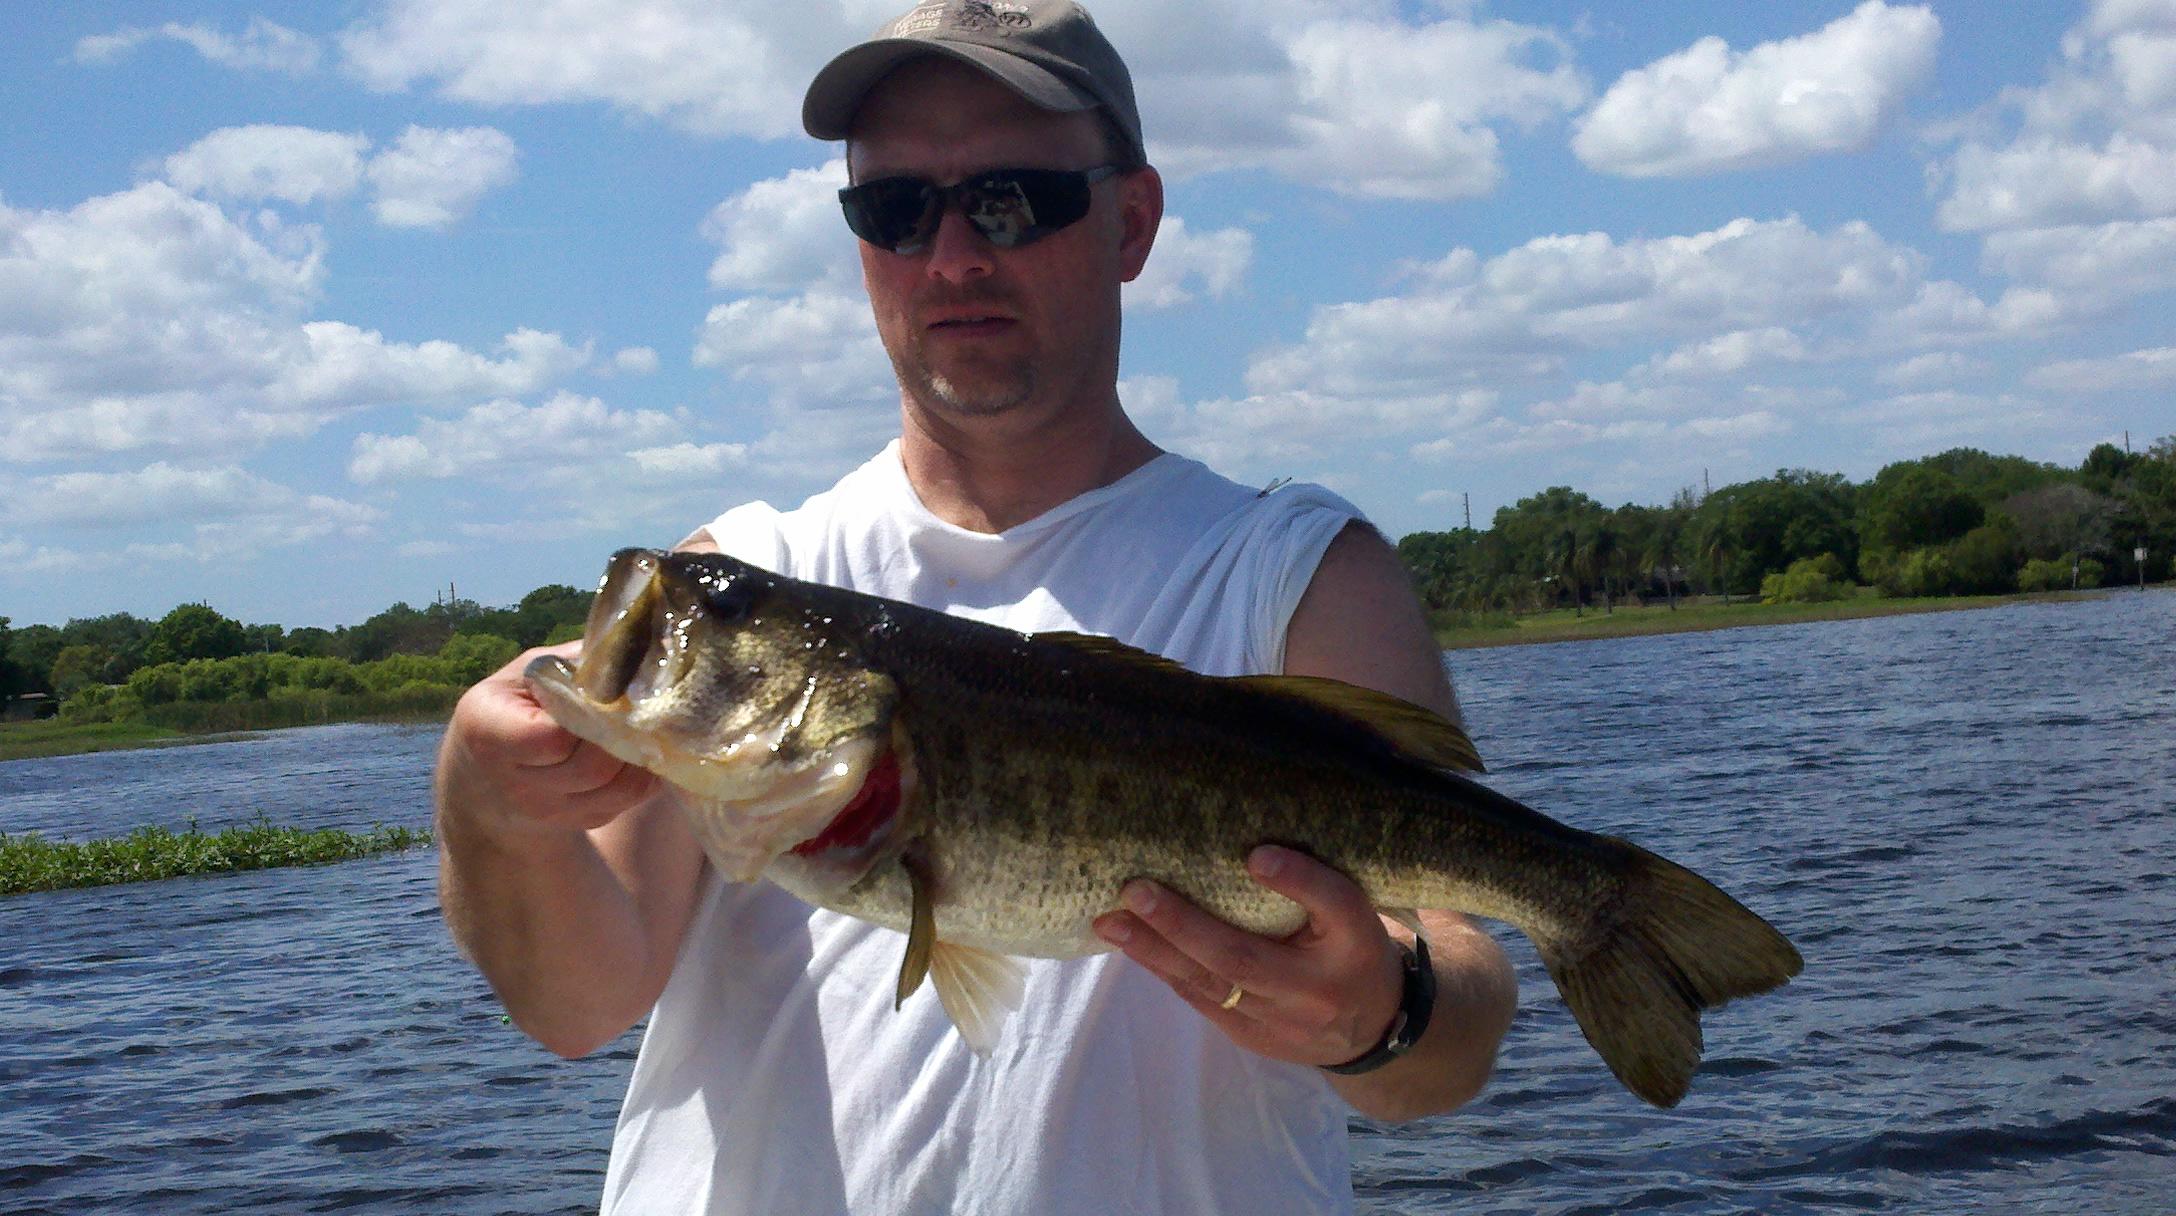 Carl randy and heath bass fishing florida lakes for Florida bass fishing guides